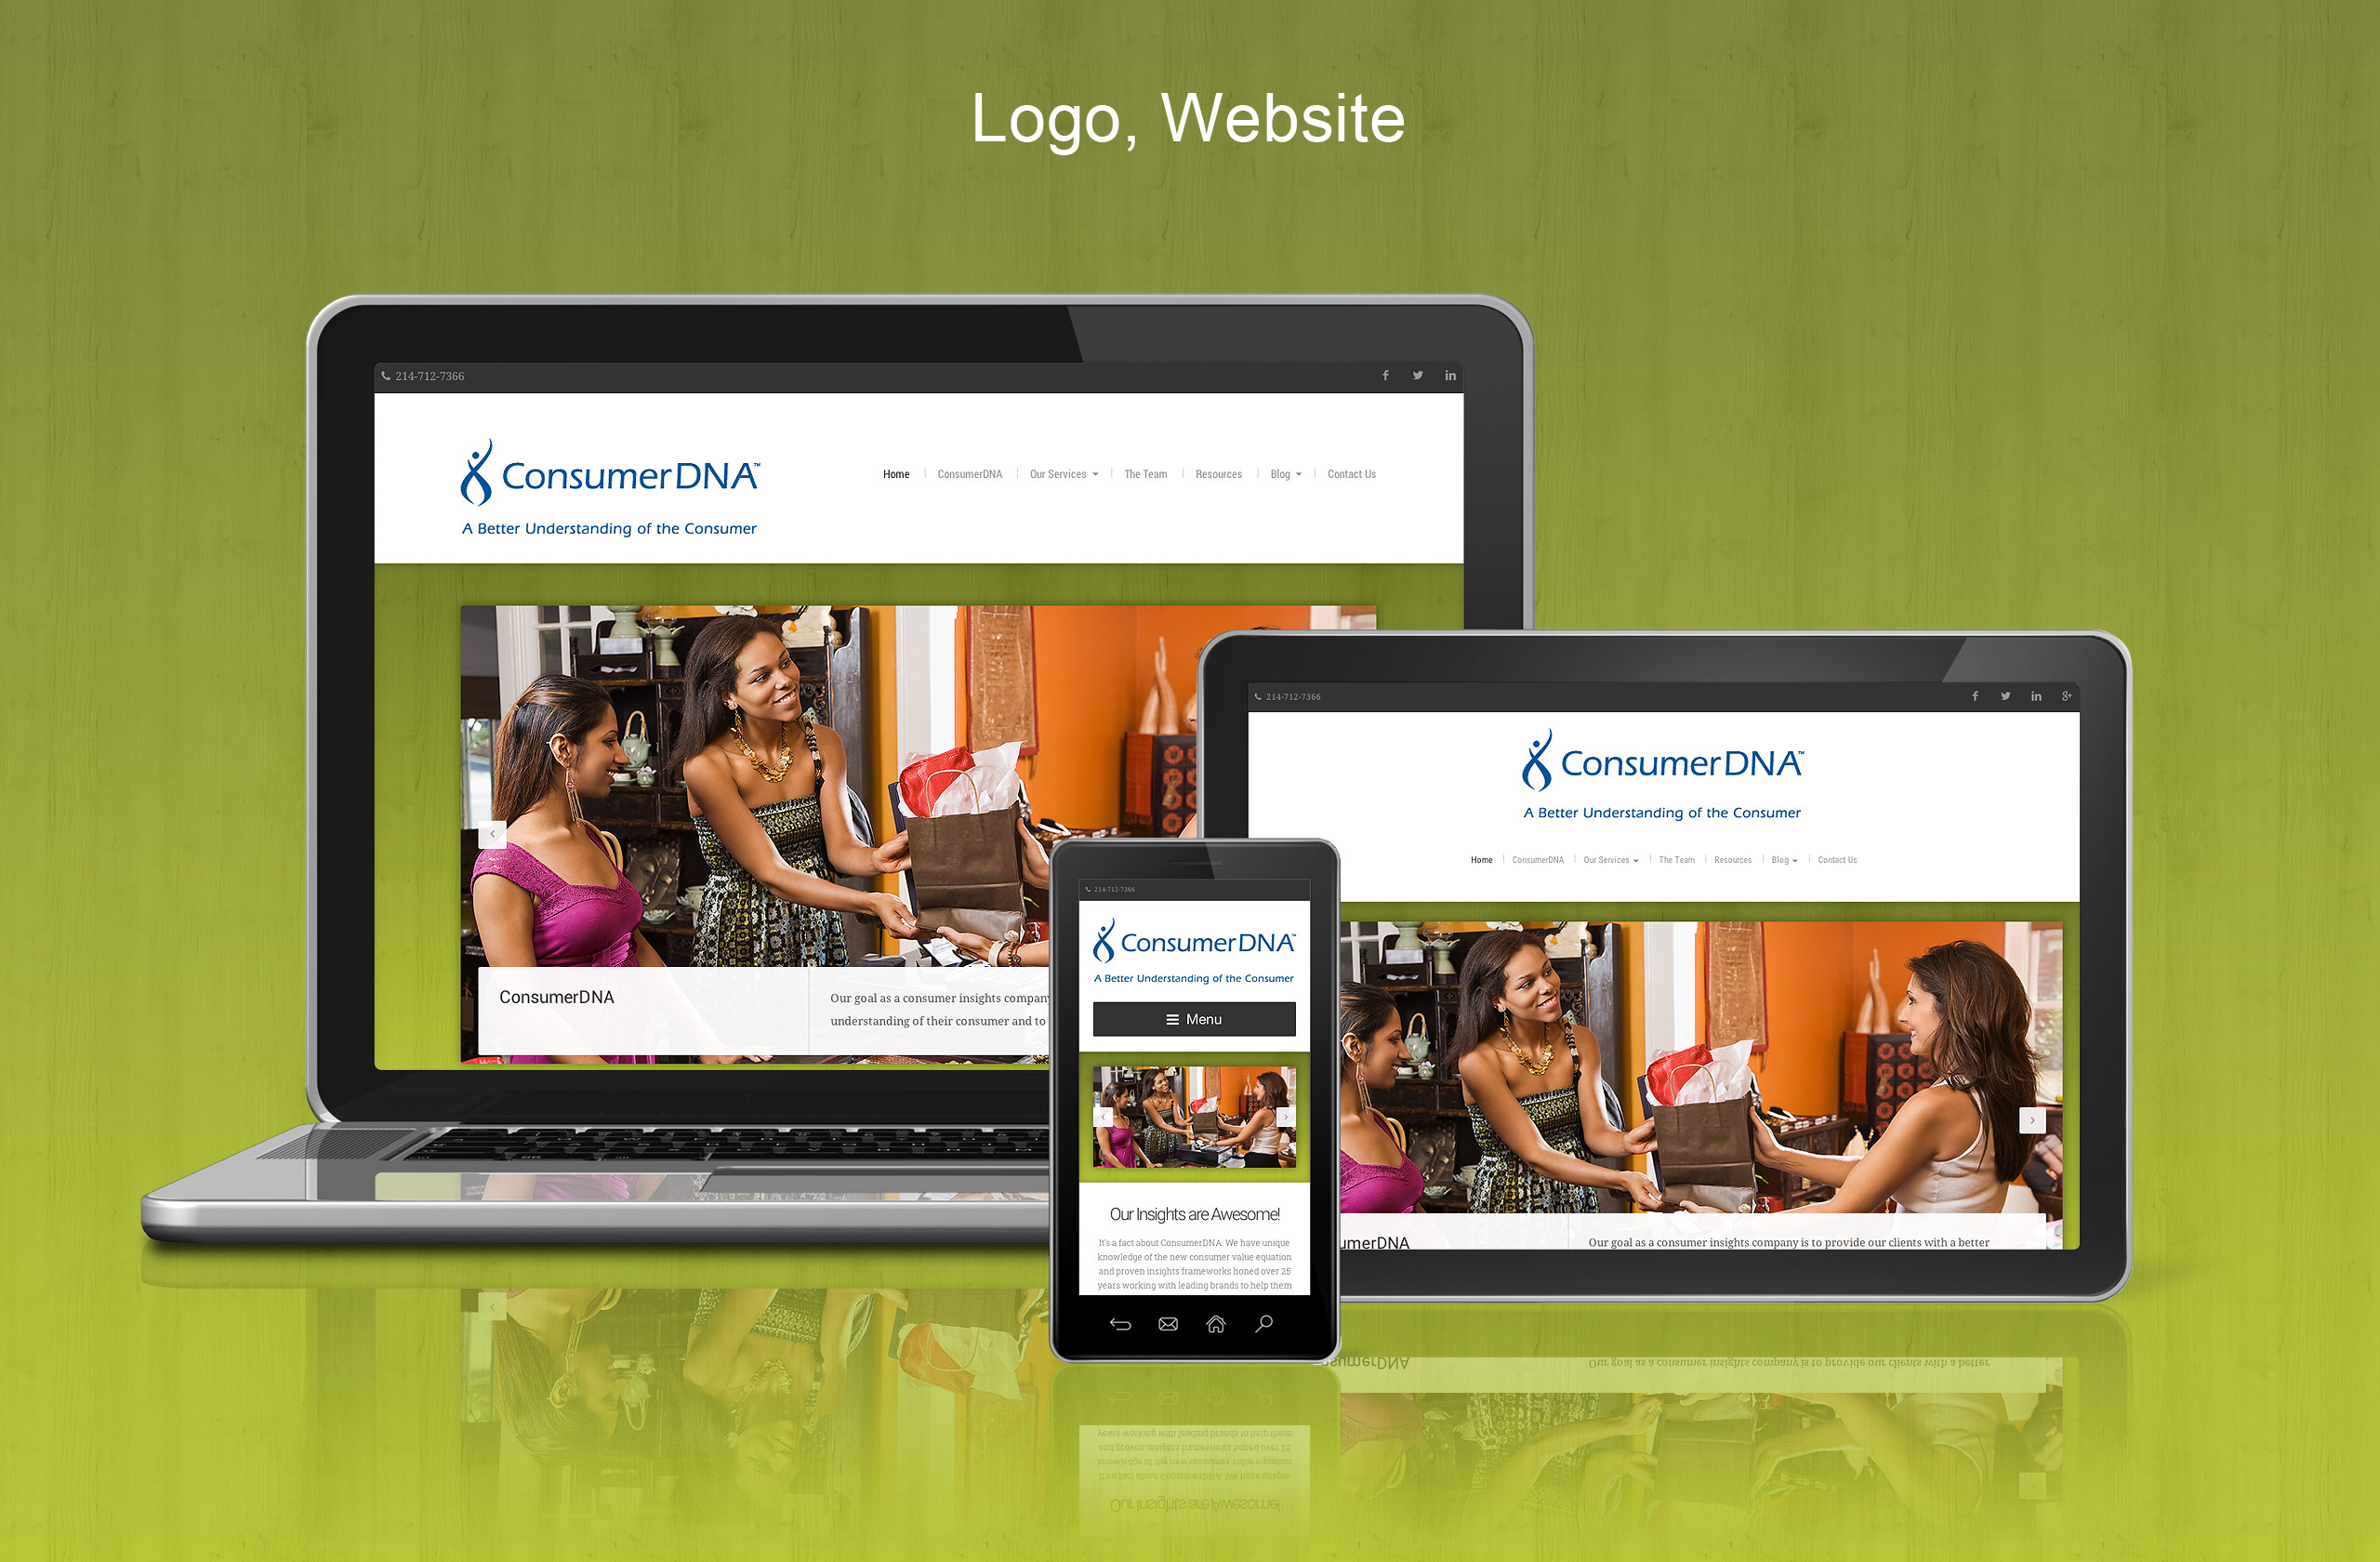 consumerdna website